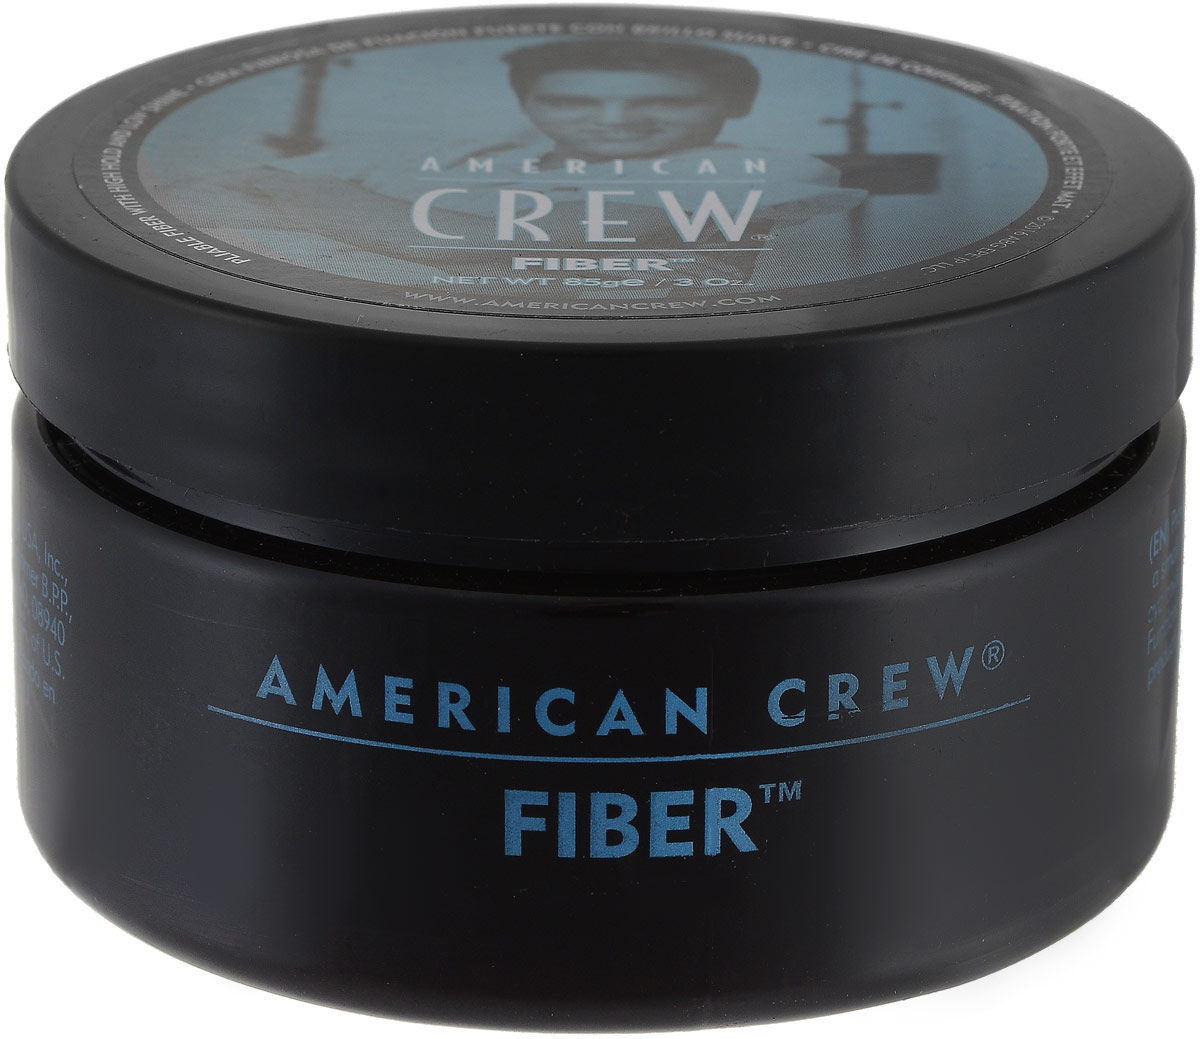 American Crew Паста высокой фиксации с низким уровнем блеска Fiber Gel 85 г7209382000American Crew& Fiber Gel паста высокой фиксации с низким уровнем блеска это великолепное средство для стайлинга, которое помогает эффектно увеличить объём волос, уплотнить волосы и придать им текстуру. Гель Американ Крю содержит в составе такие основные ингредиенты, как пчелиный воск (который сохраняет в волосах необходимое количество влаги и предотвращает появление сухости волос), цетил пальмитат (разглаживающее и смягчающее средство), ланолин (средство для необходимого увлажнения волос) и цетеарет-20 (средство для получения эффекта кондиционирования). Продукт отлично подходит также для волос короткой длины (от 3 до 8 сантиметров), имеет удобную для применения волокнистую структуру и обеспечивает гибкую фиксацию волос с красивым матовым оттенком.Гель American Crew Fiber Gel великолепно подходит и для укладки усов.